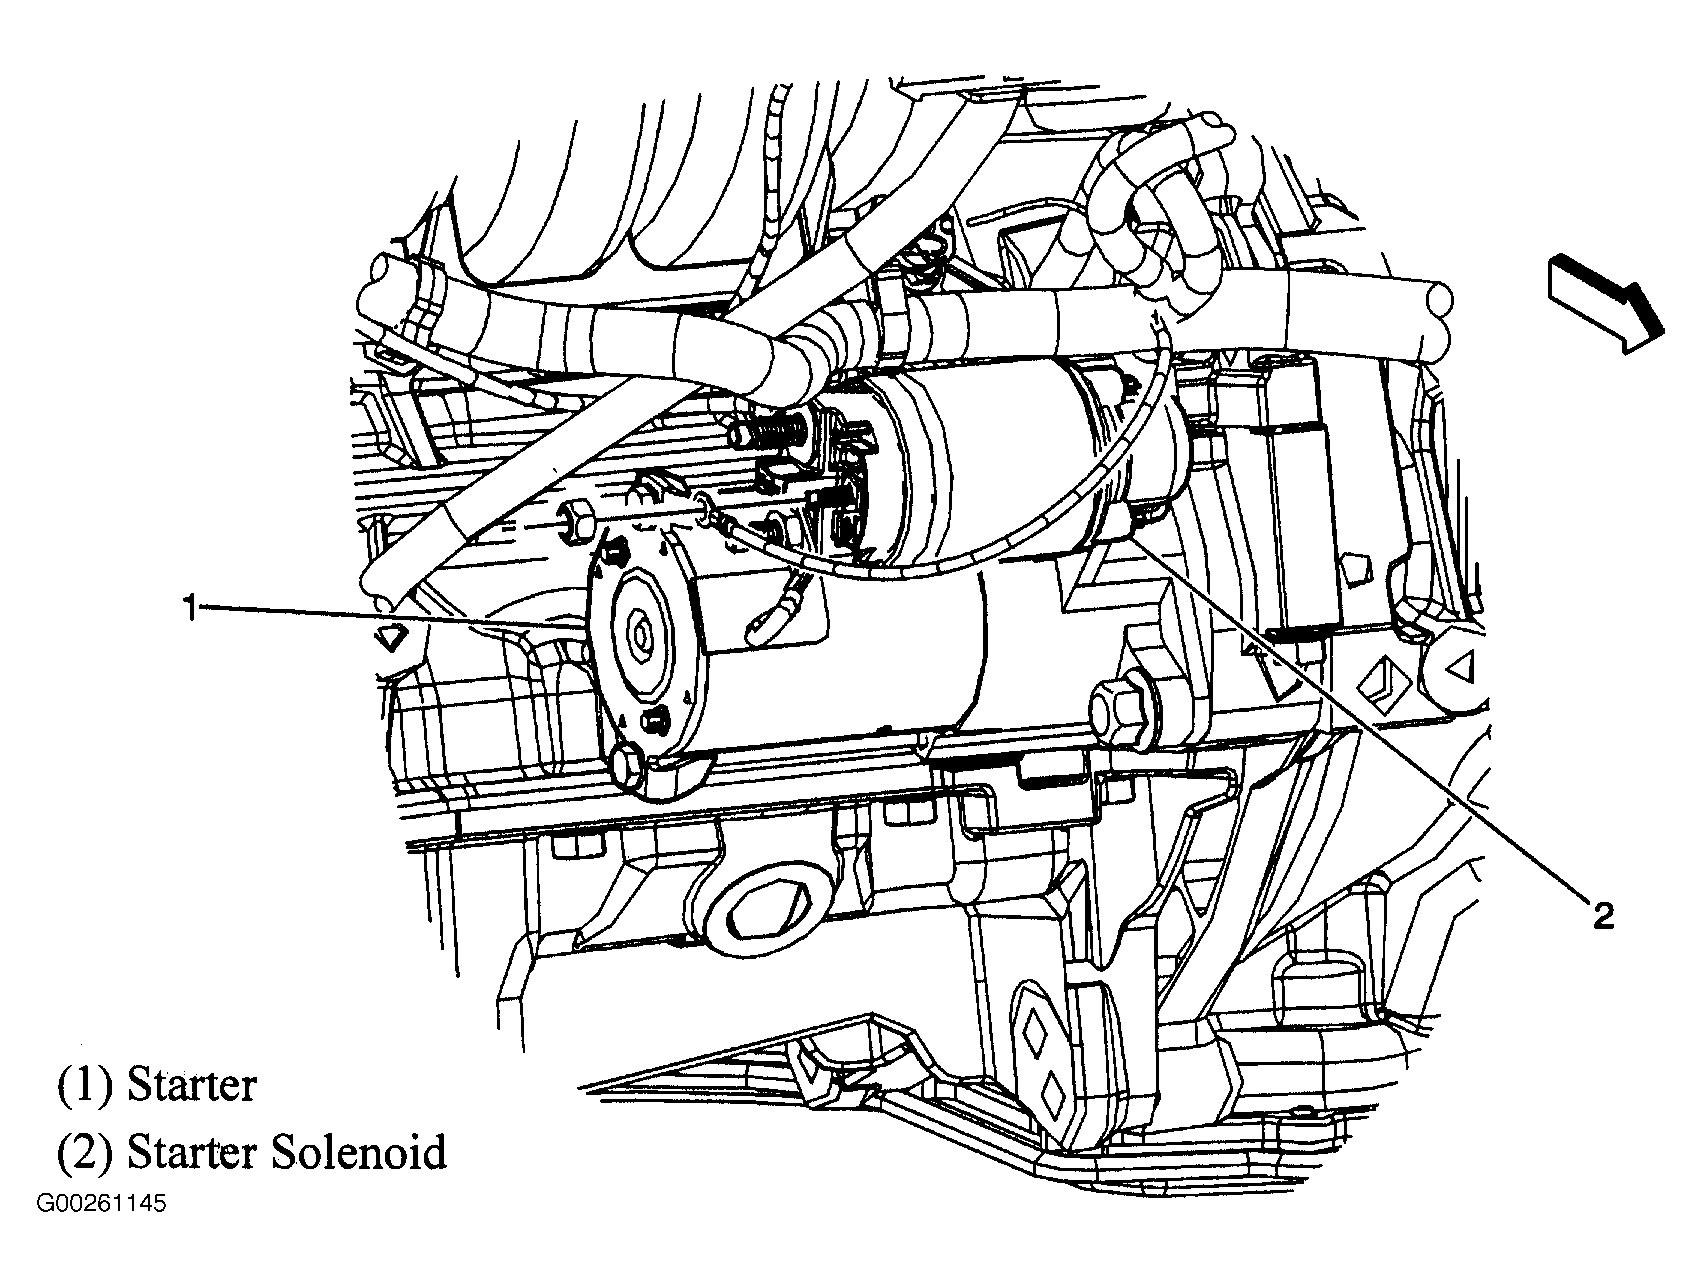 2008 Chevy Cobalt Engine Diagram 2005